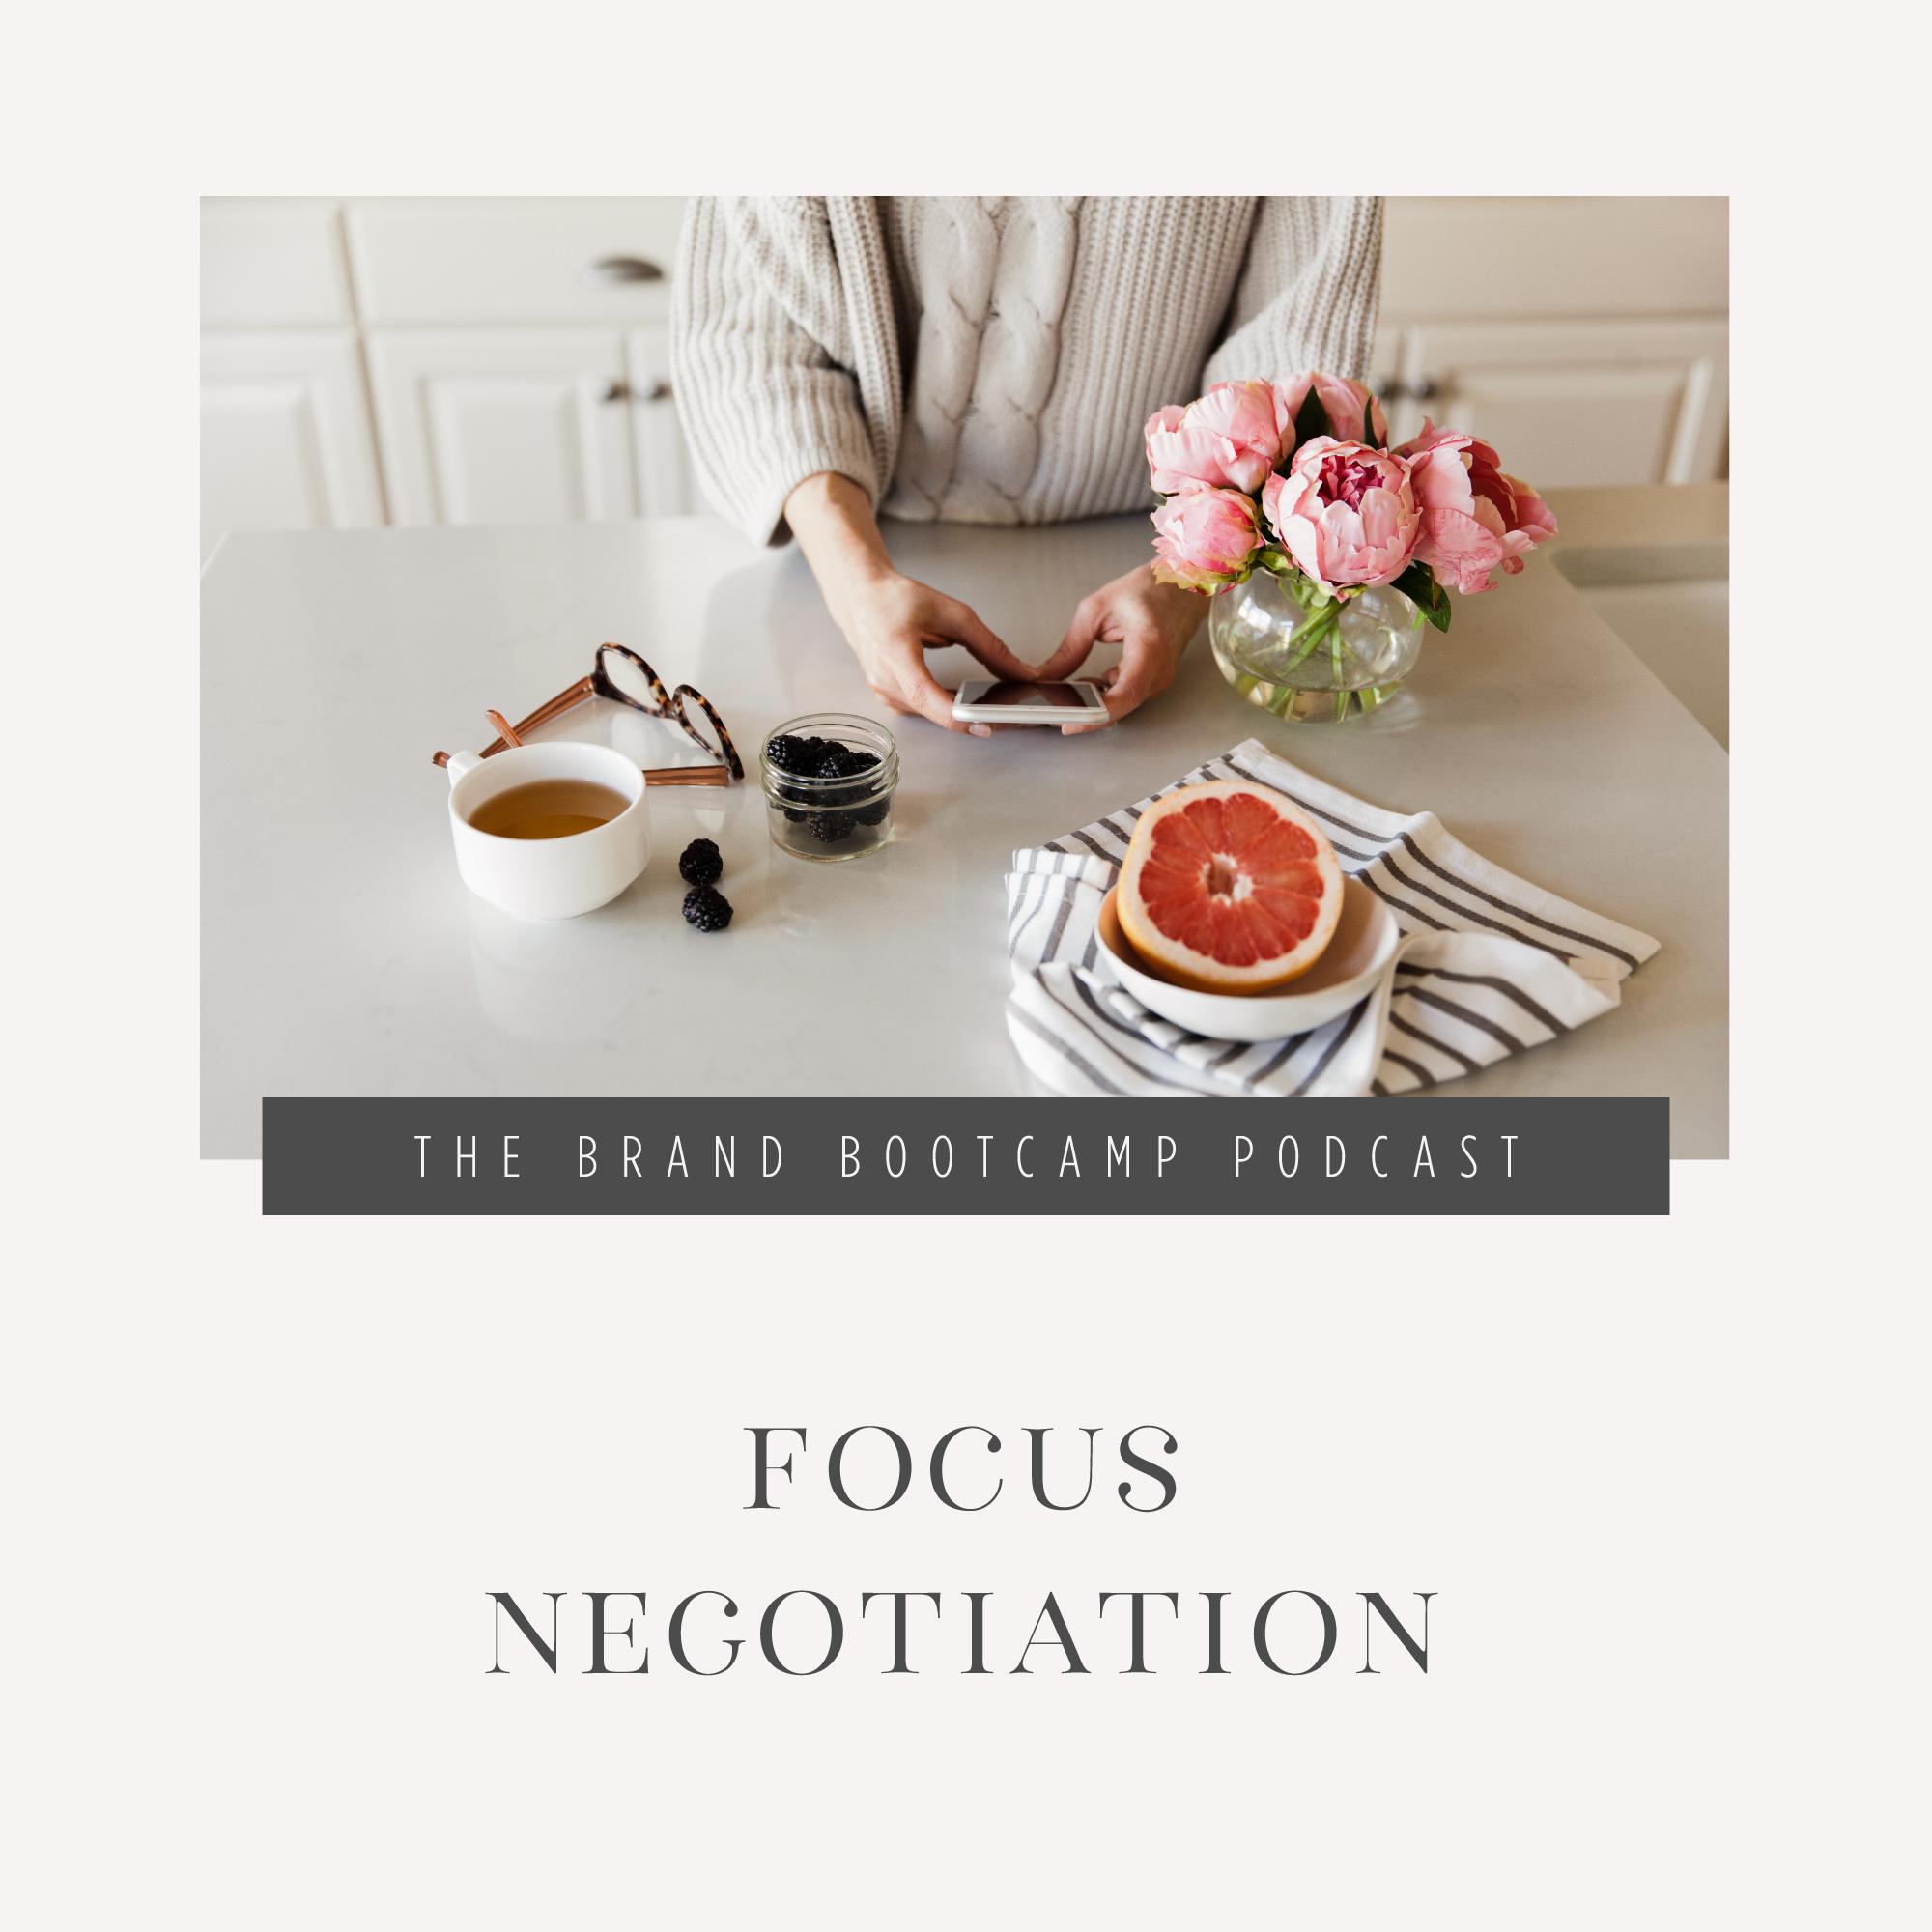 Focus Negotiation